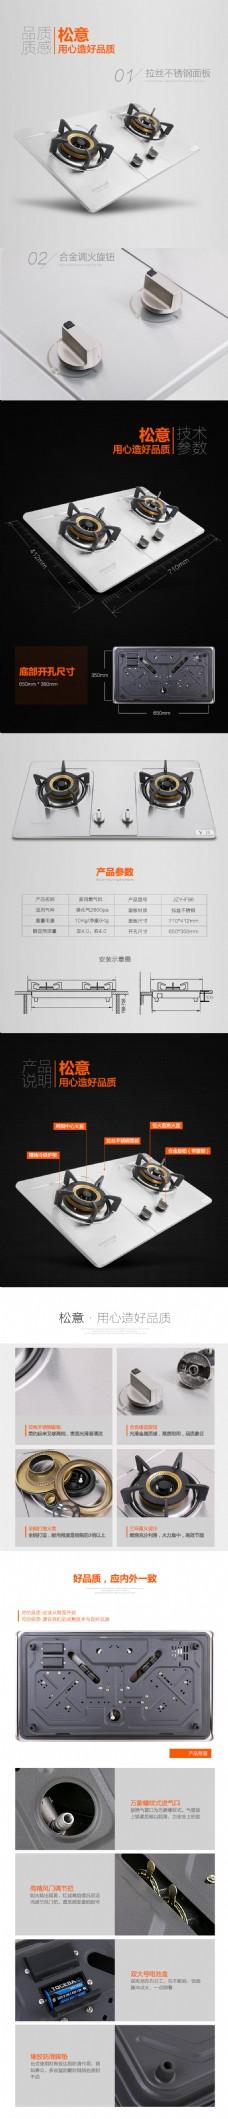 天猫淘宝厨房电器家电燃气灶燃气炉描述详情